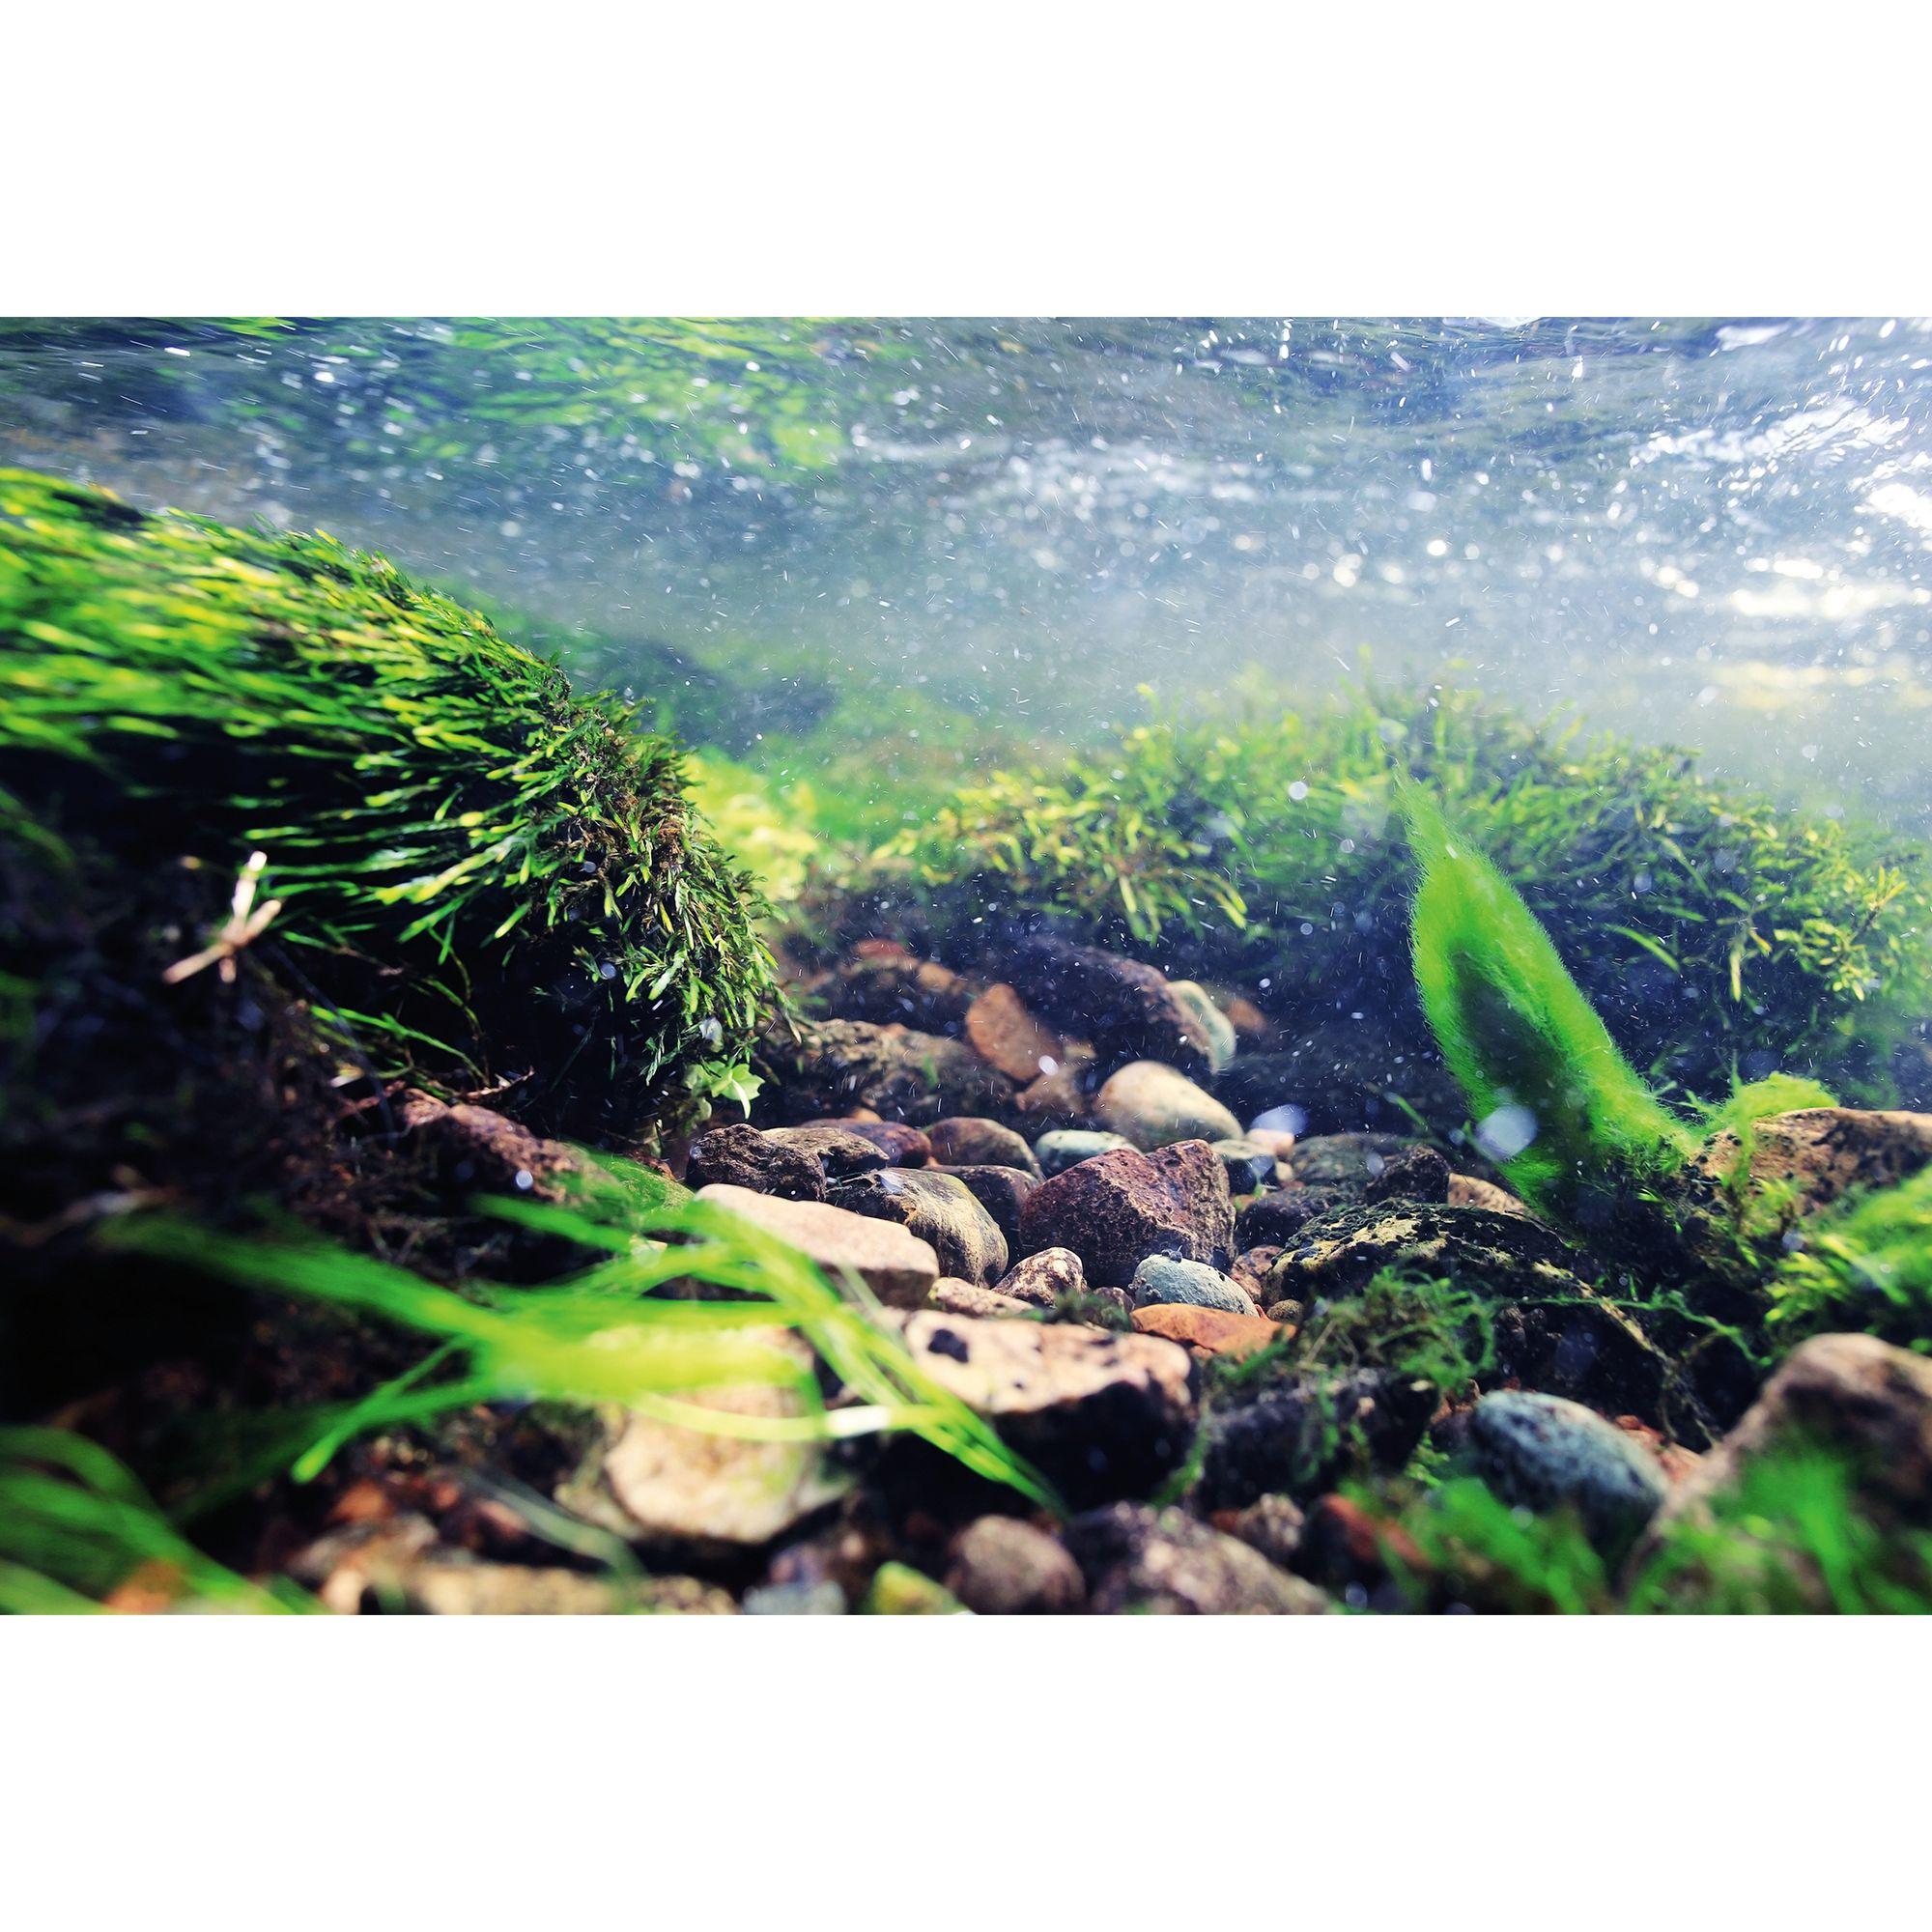 Top Fin Rock Underwater Reversible Aquarium Background Fish Backgrounds Petsmart